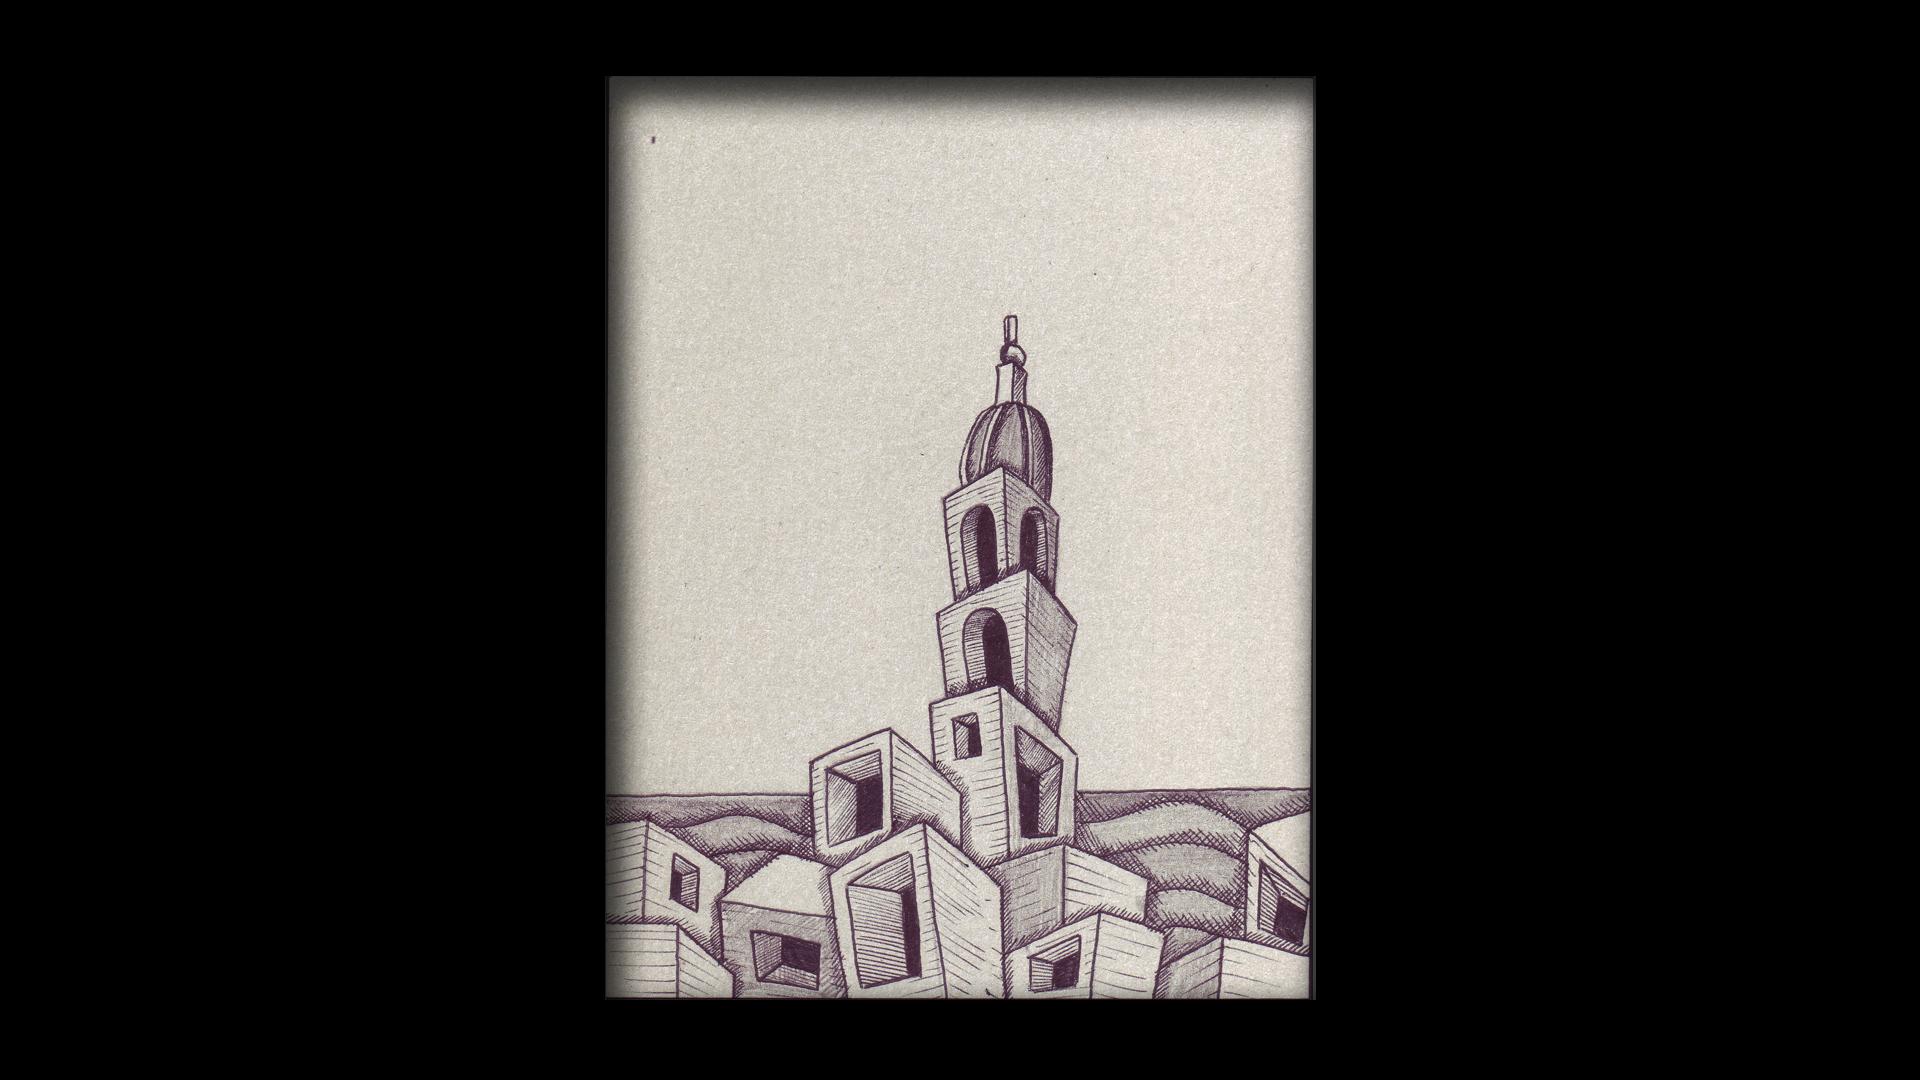 Titolo: Torre Campanaria Tecnica: Penna a sfera su cartoncino Dimensioni: 14 cm x 18 cm Data: 2018 Collezione Personale